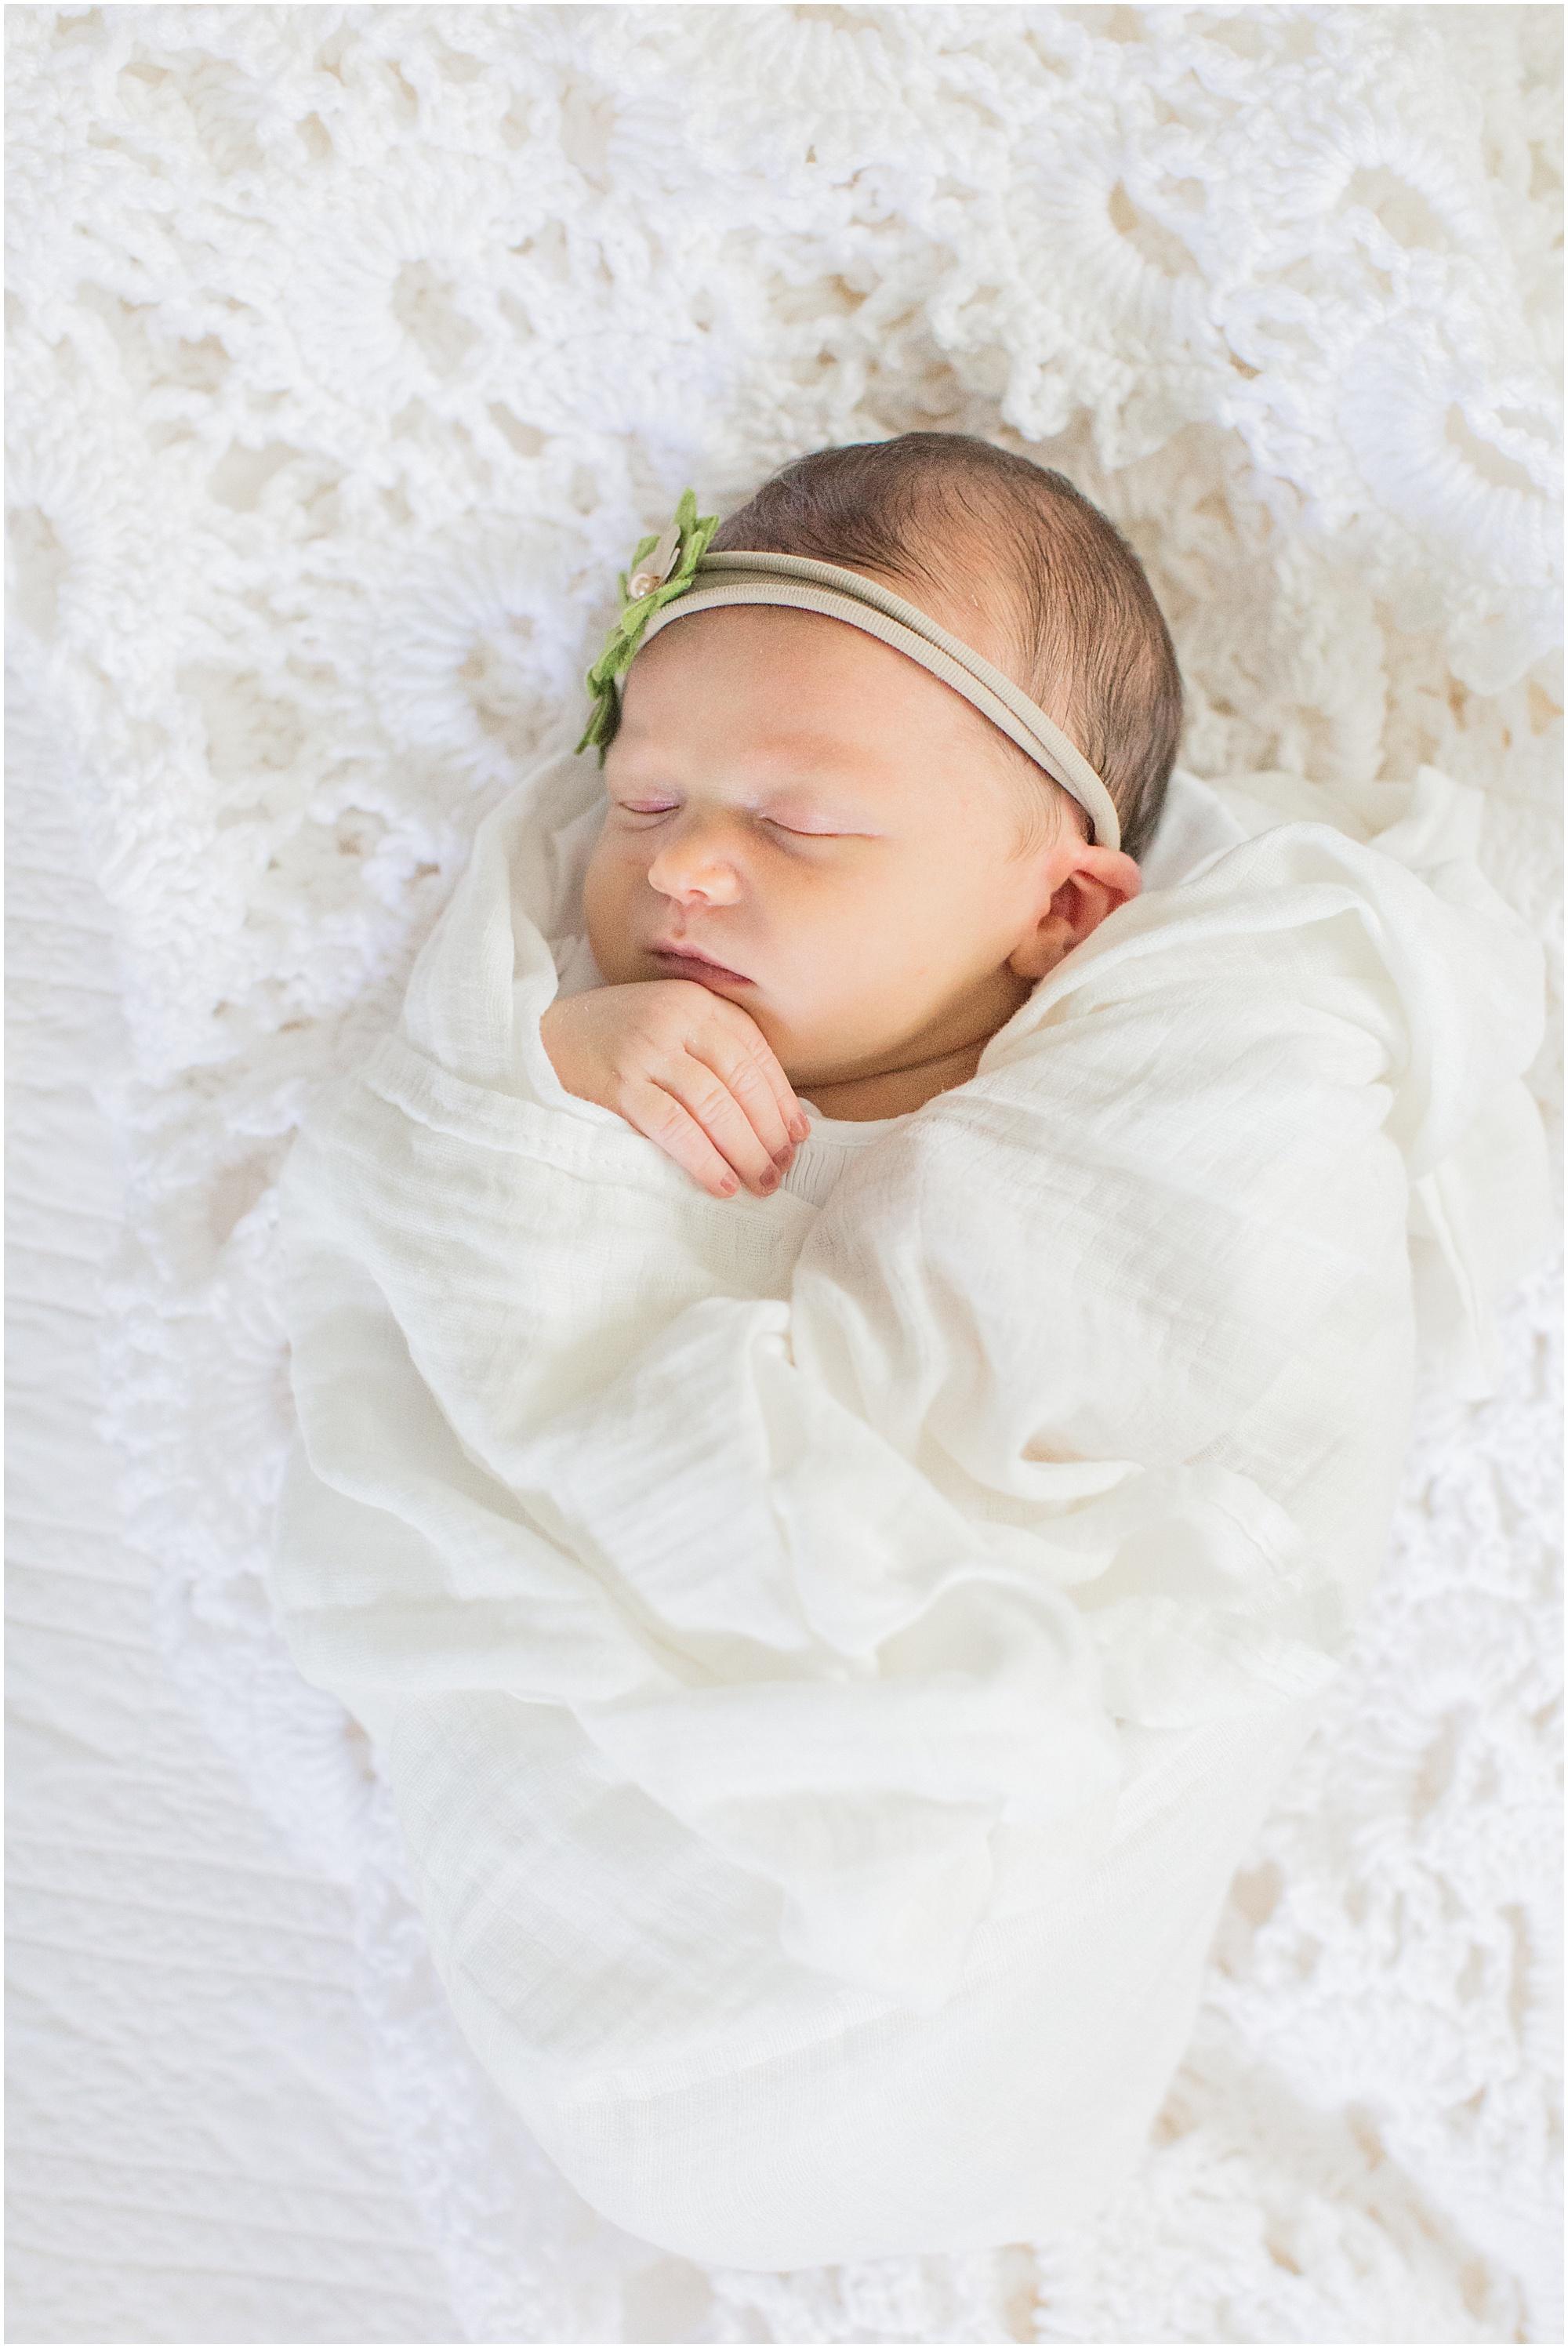 mississippi-newborn-family-photographer_0024.jpg